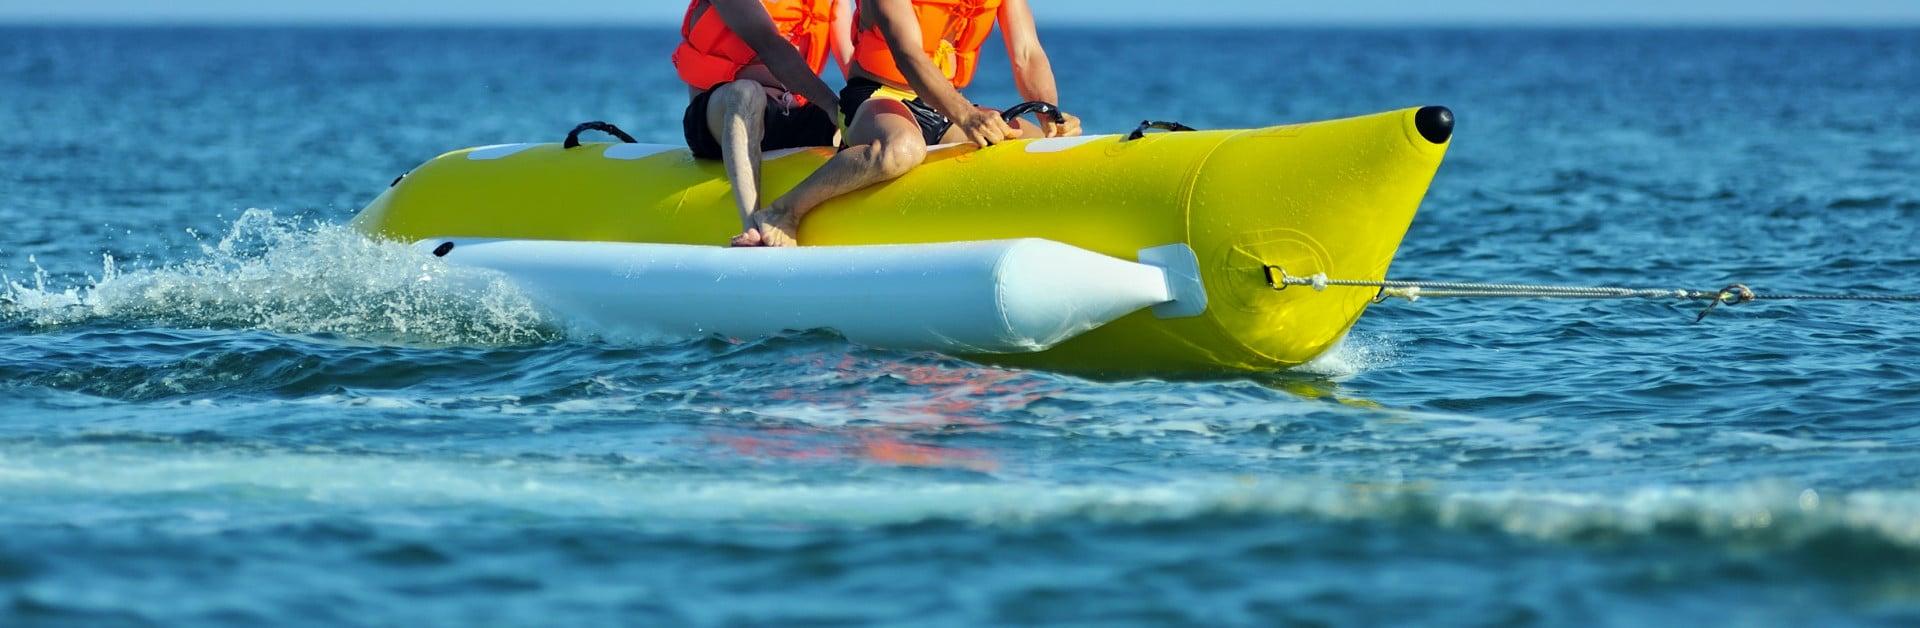 Banana Boating insurance img